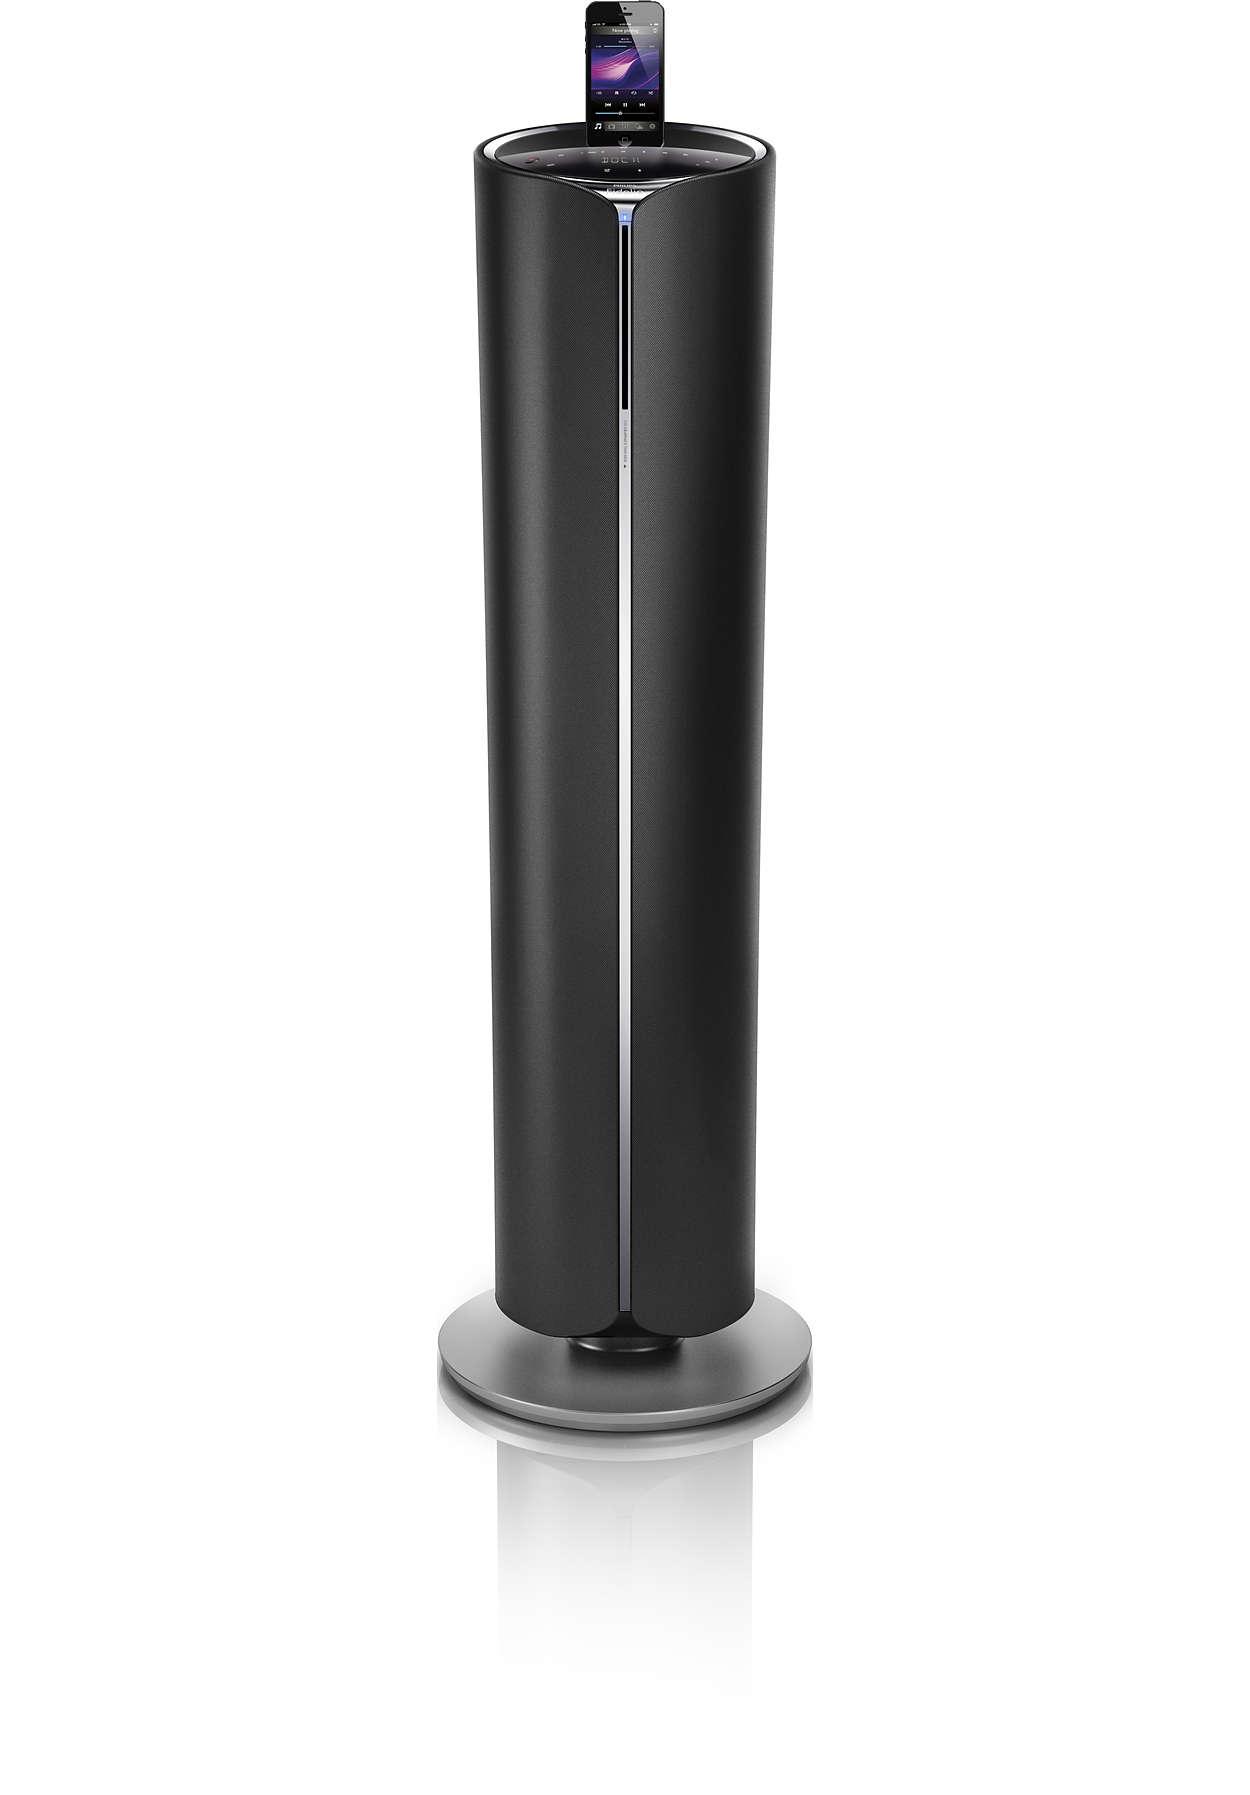 docking tower soundsystem im integriertem subwoofer dtm5096 12 fidelio. Black Bedroom Furniture Sets. Home Design Ideas